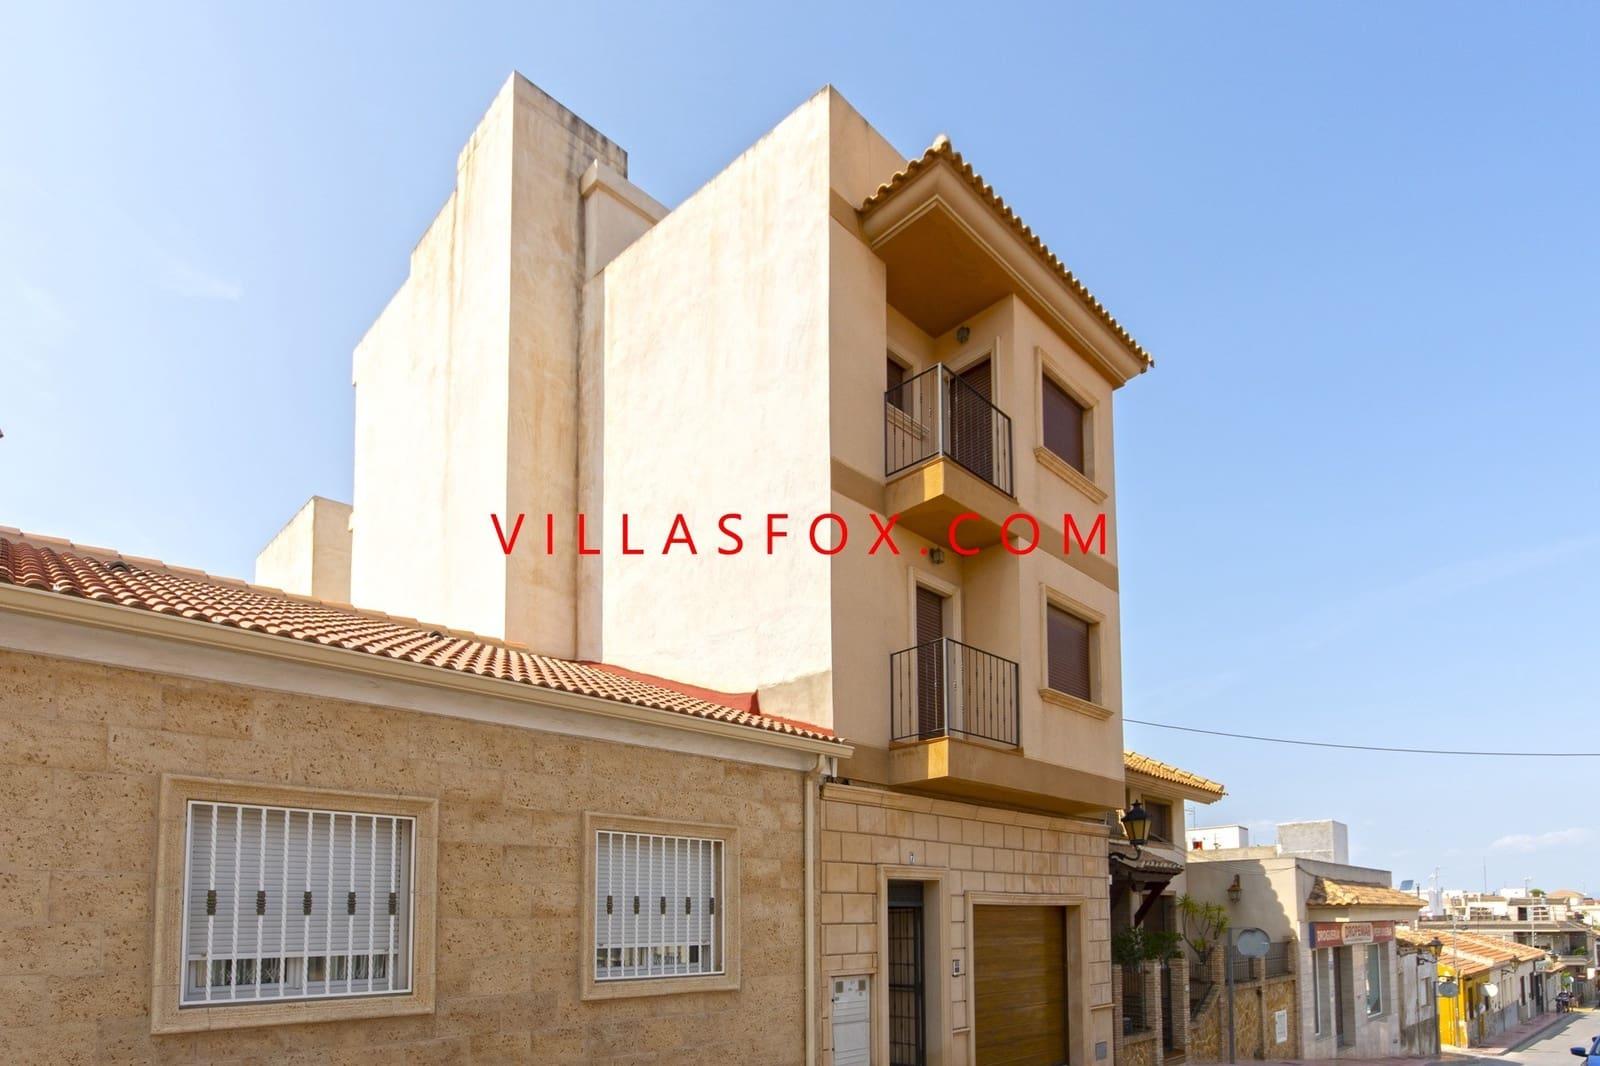 Casa de 3 habitaciones en San Miguel de Salinas en venta con garaje - 375.000 € (Ref: 5598430)